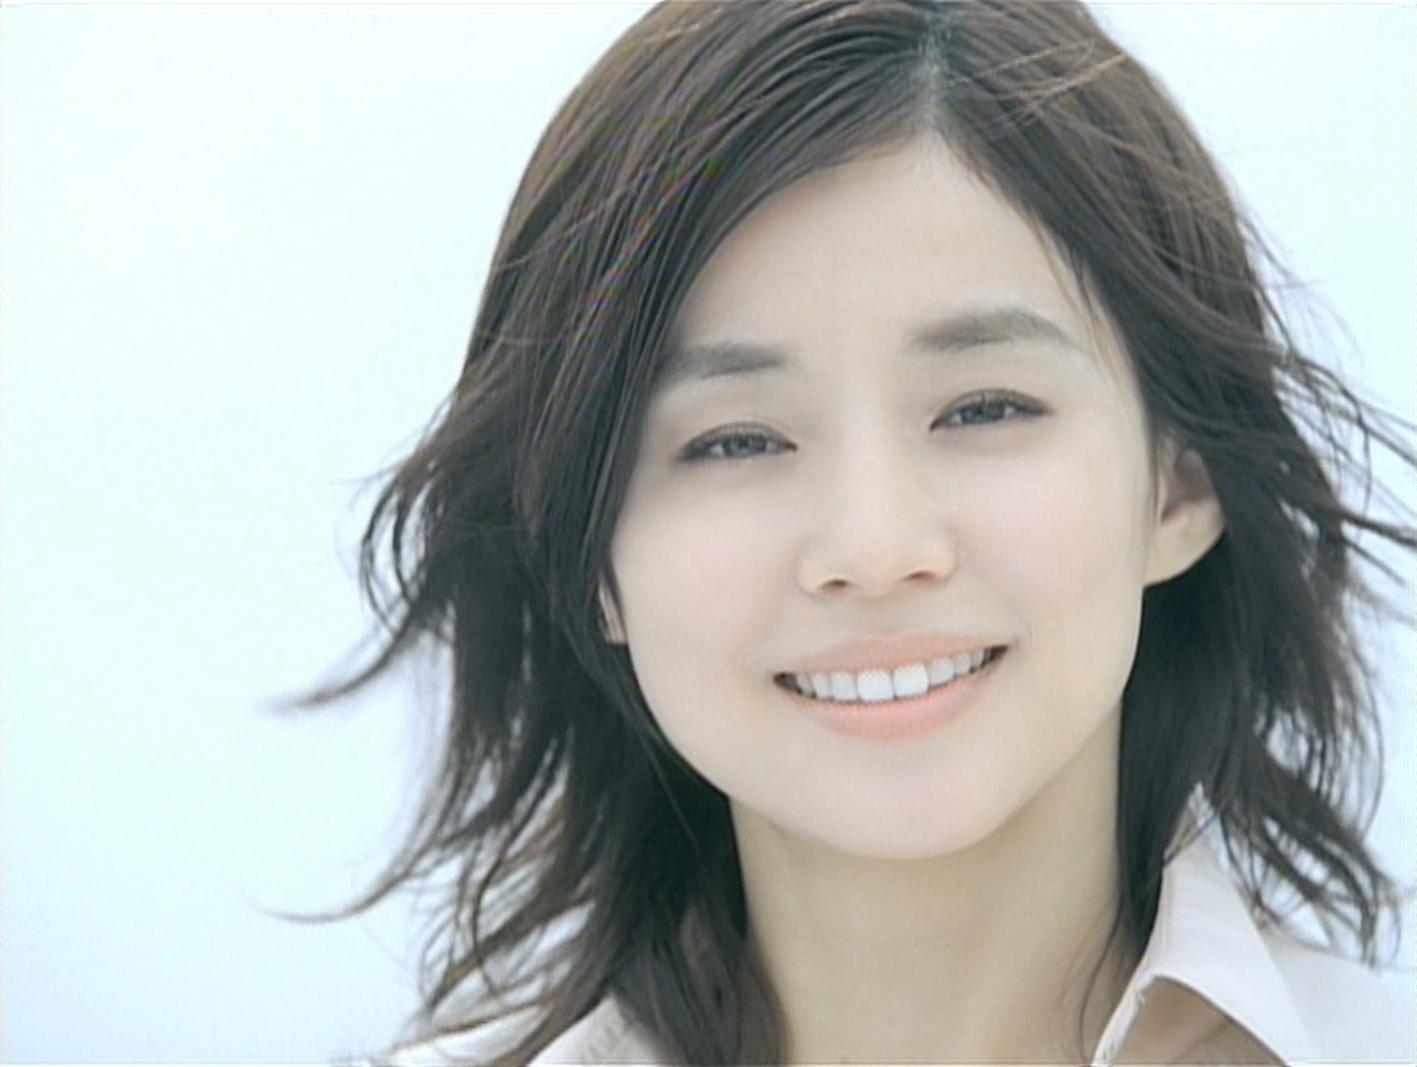 石田ゆり子が結婚できないのは父親が理由?妹は結婚できたけど?のサムネイル画像